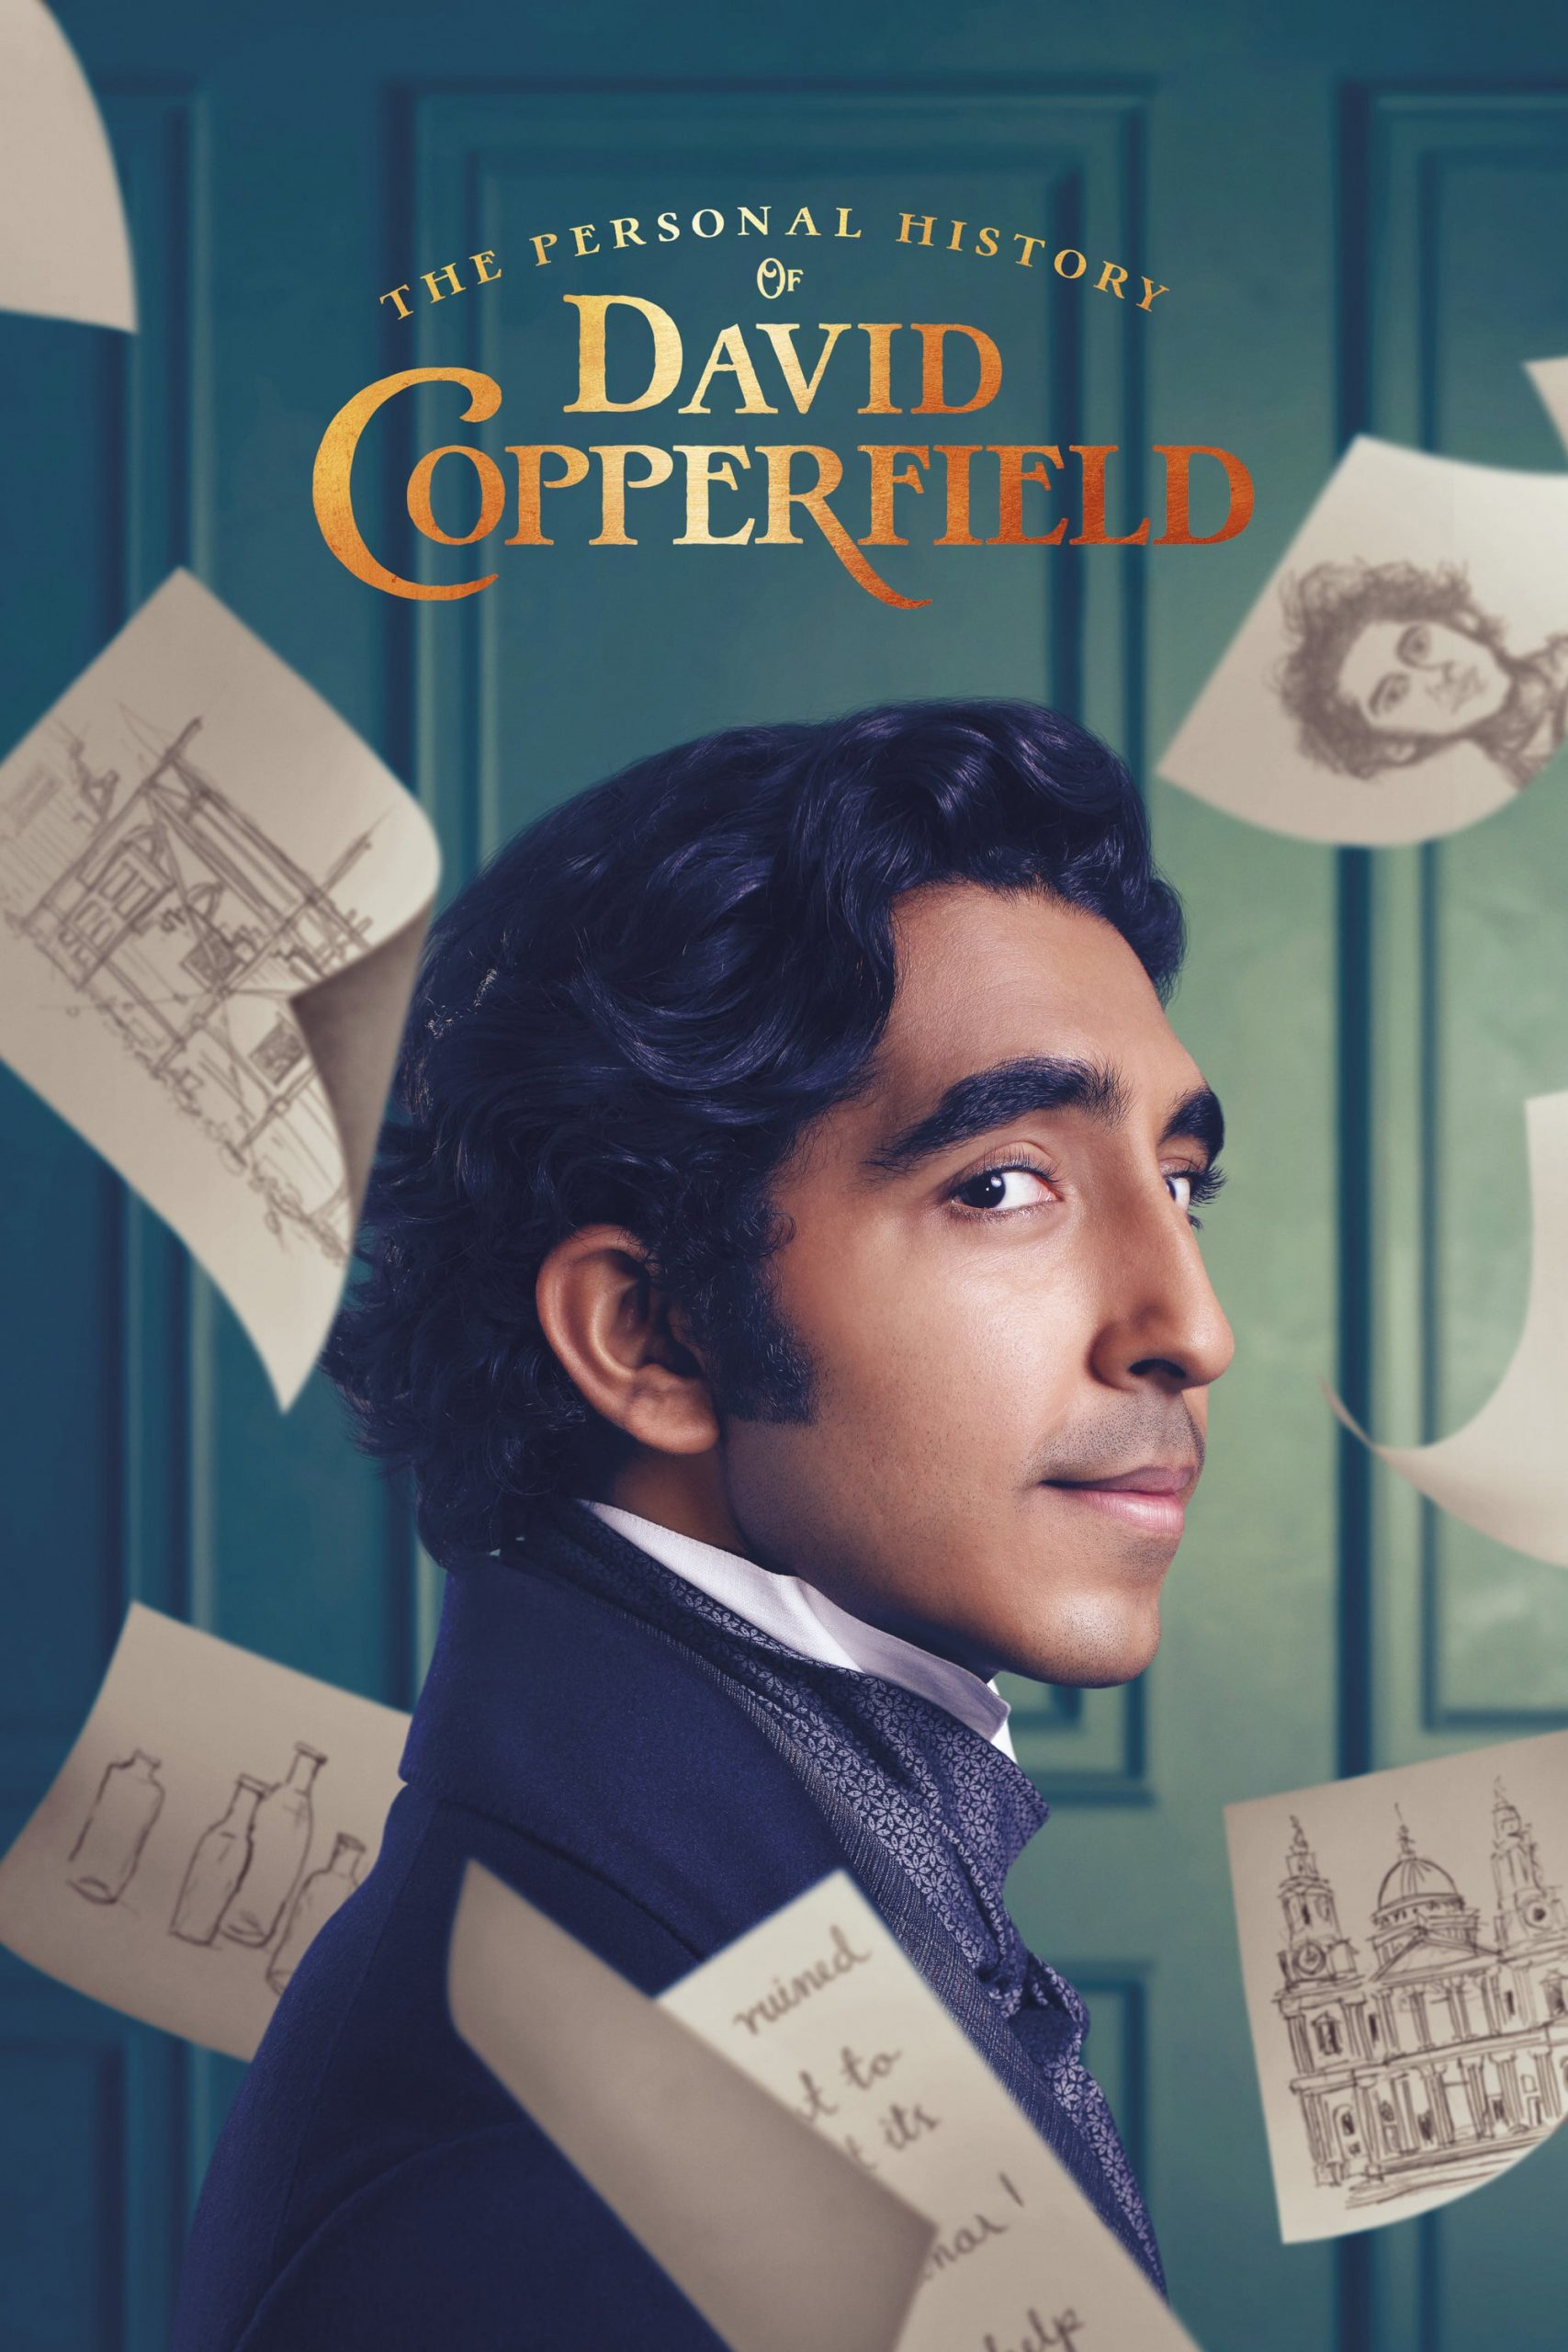 دانلود فیلم The Personal History of David Copperfield 2019